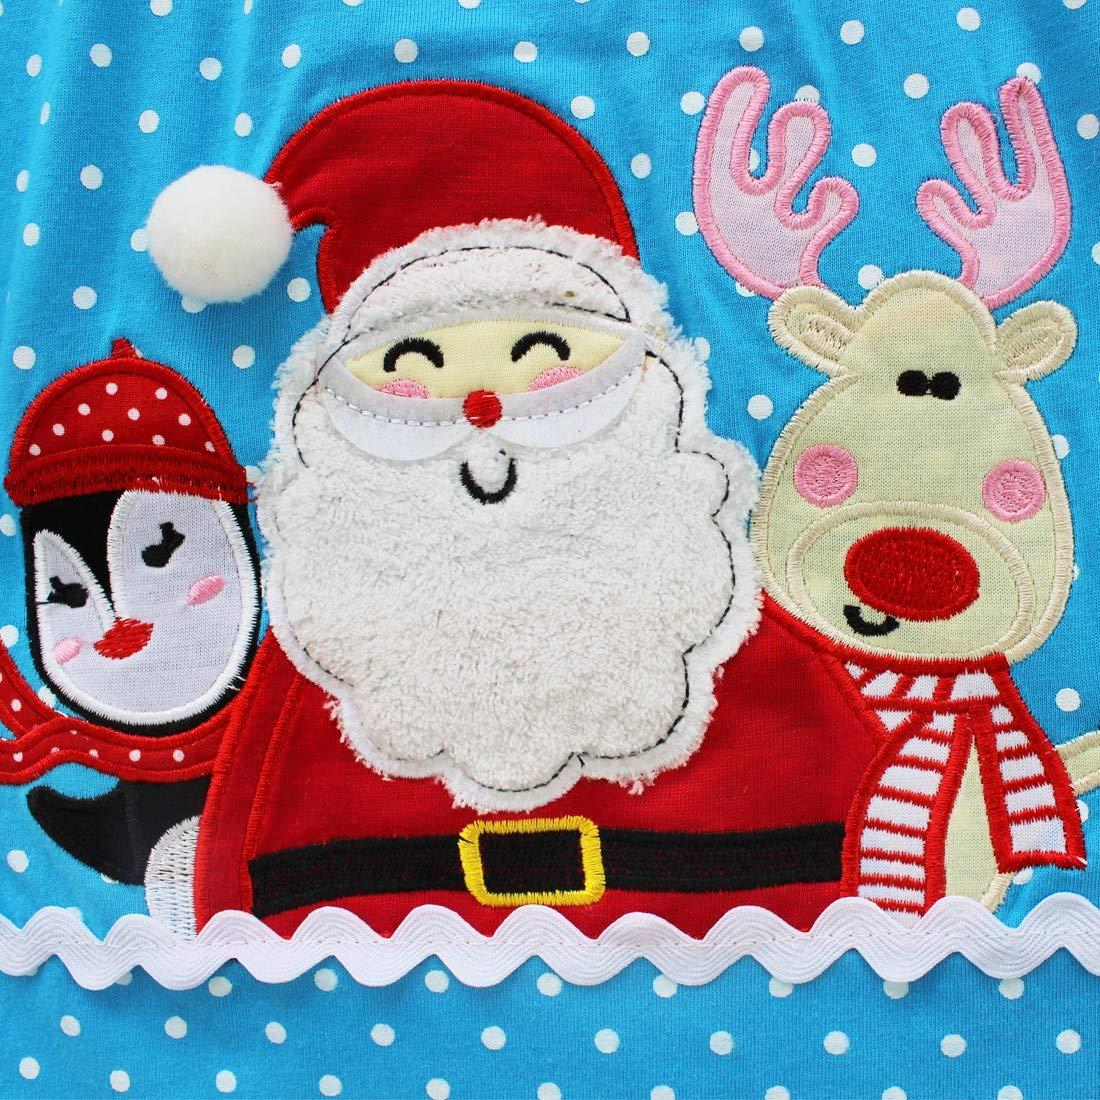 dPois Niños Niñas Pijama Algodón Lindo Estampado Santa Noel Ropa de Dormir Manga Larga 2 Piezas Camisa + Pantalones Rayas Navidad Regalo Conjunto Invierno ...